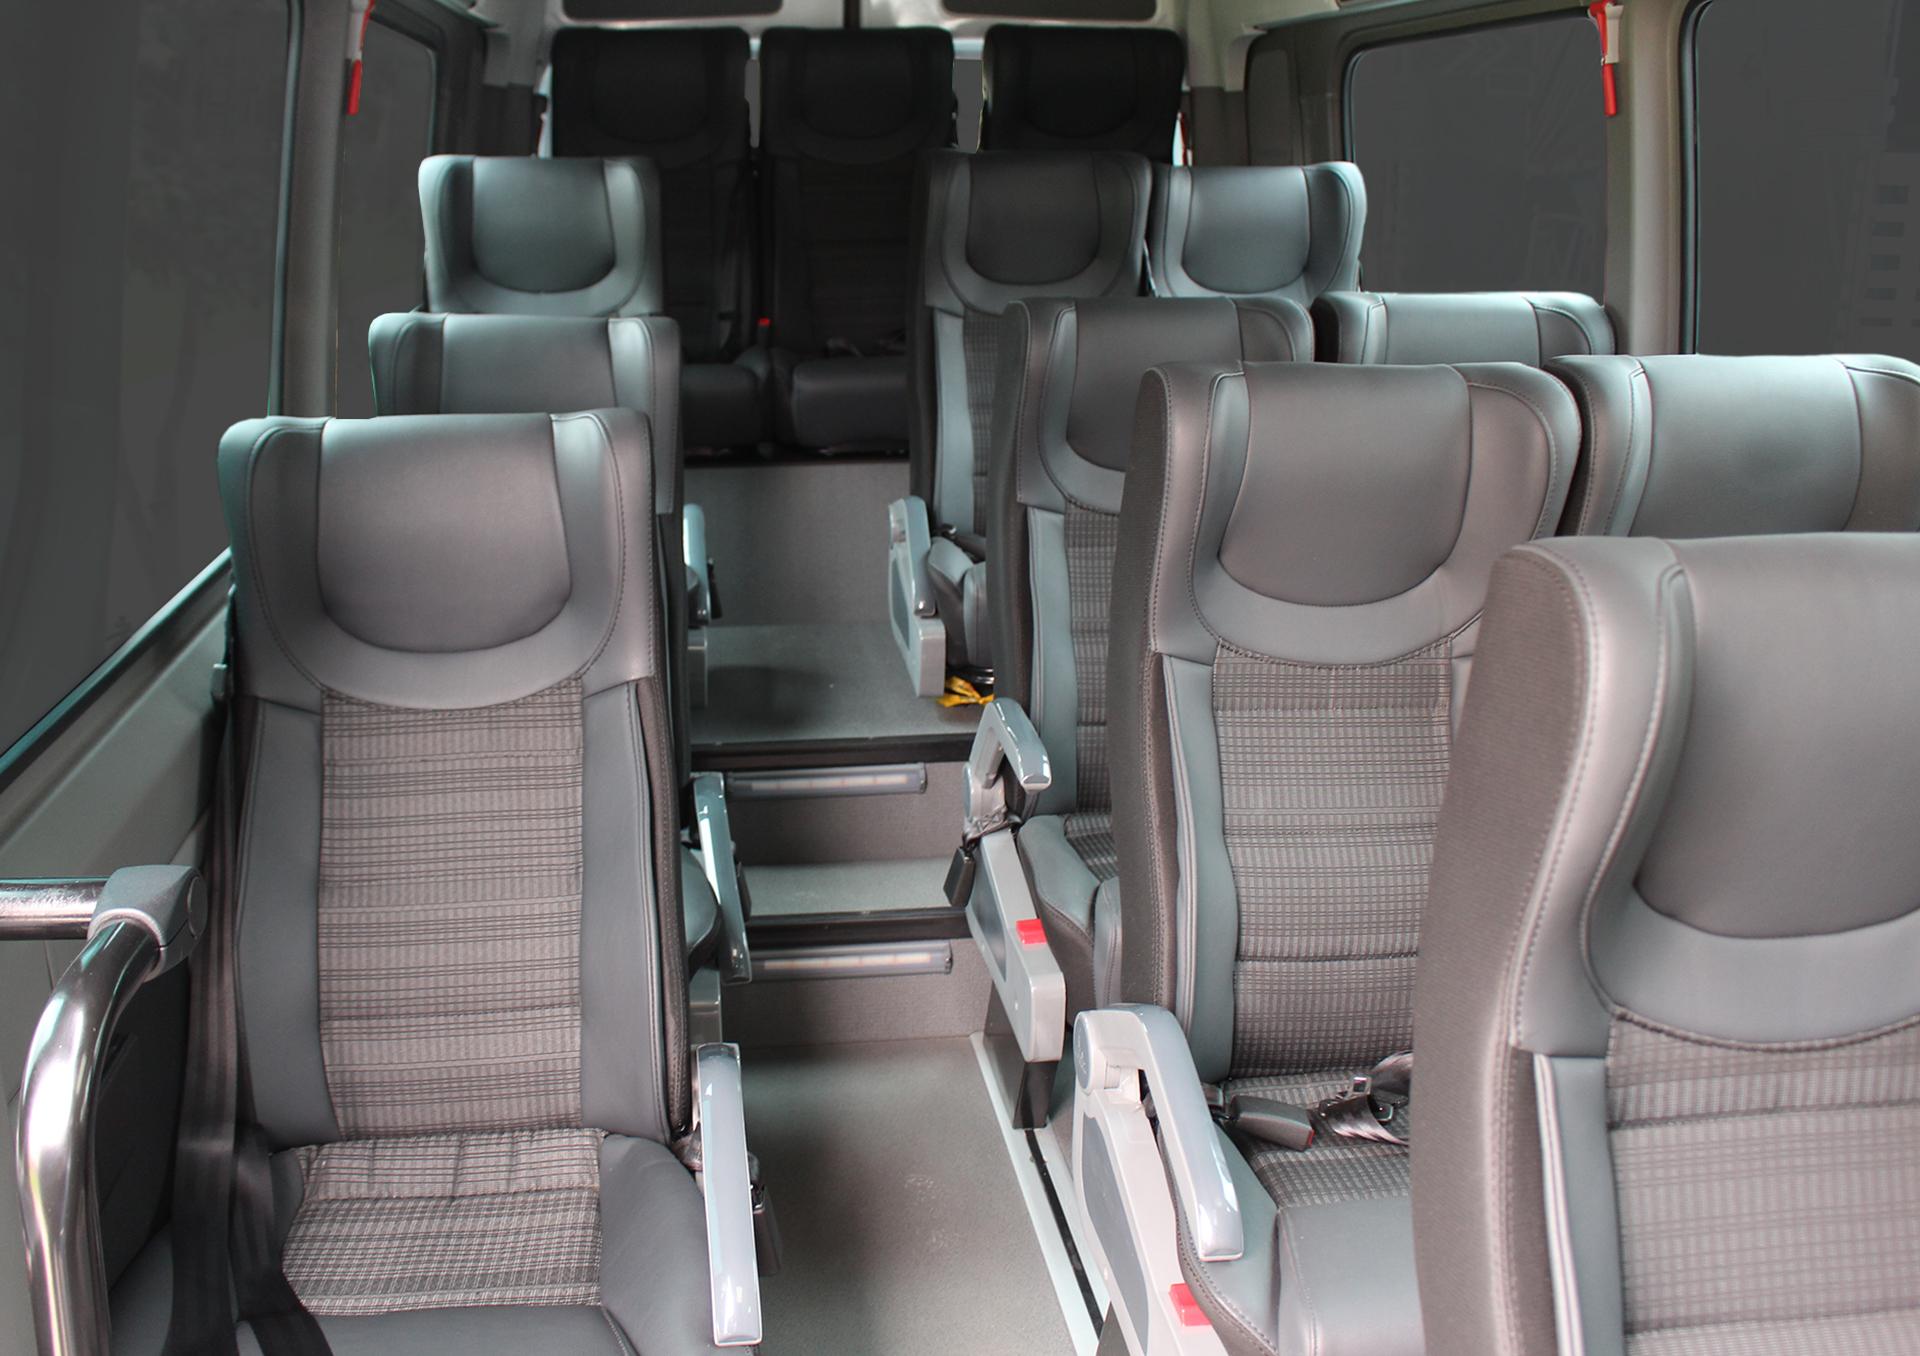 transporte_piscilago_microbus (2)